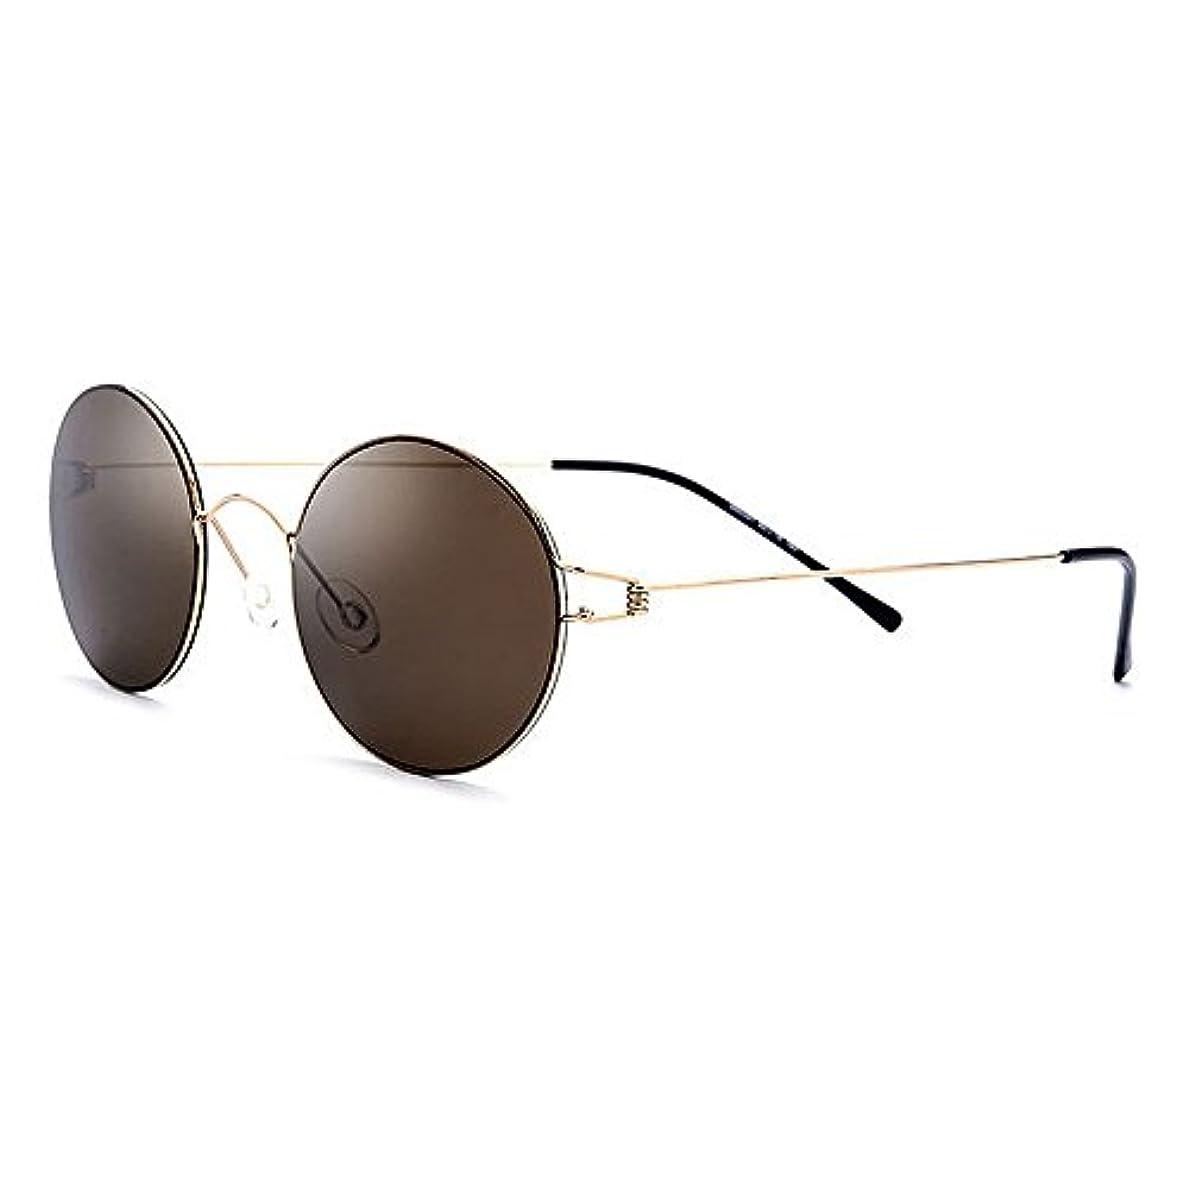 アーティファクト評決締め切りサングラス 運転 偏光レンズホルダー ゴルフ メンズ サングラスフレームレスデザイン R-52 (Brown)